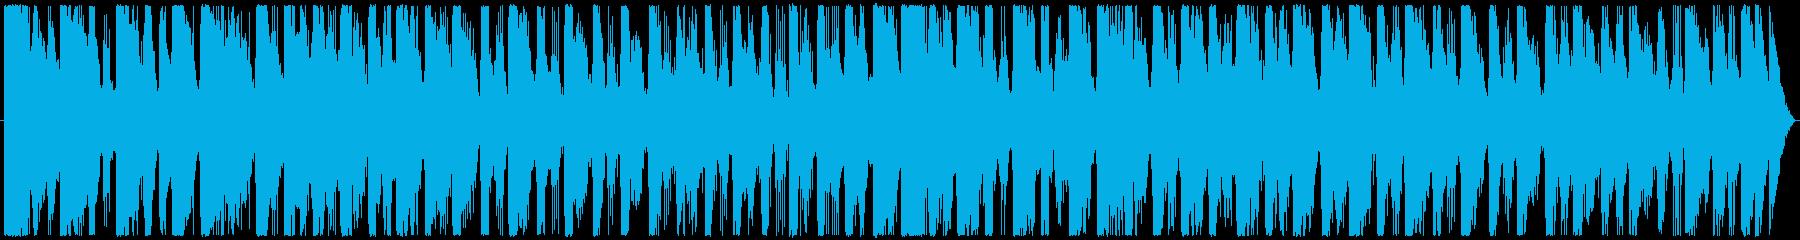 可愛い電子少女をイメージした曲の再生済みの波形